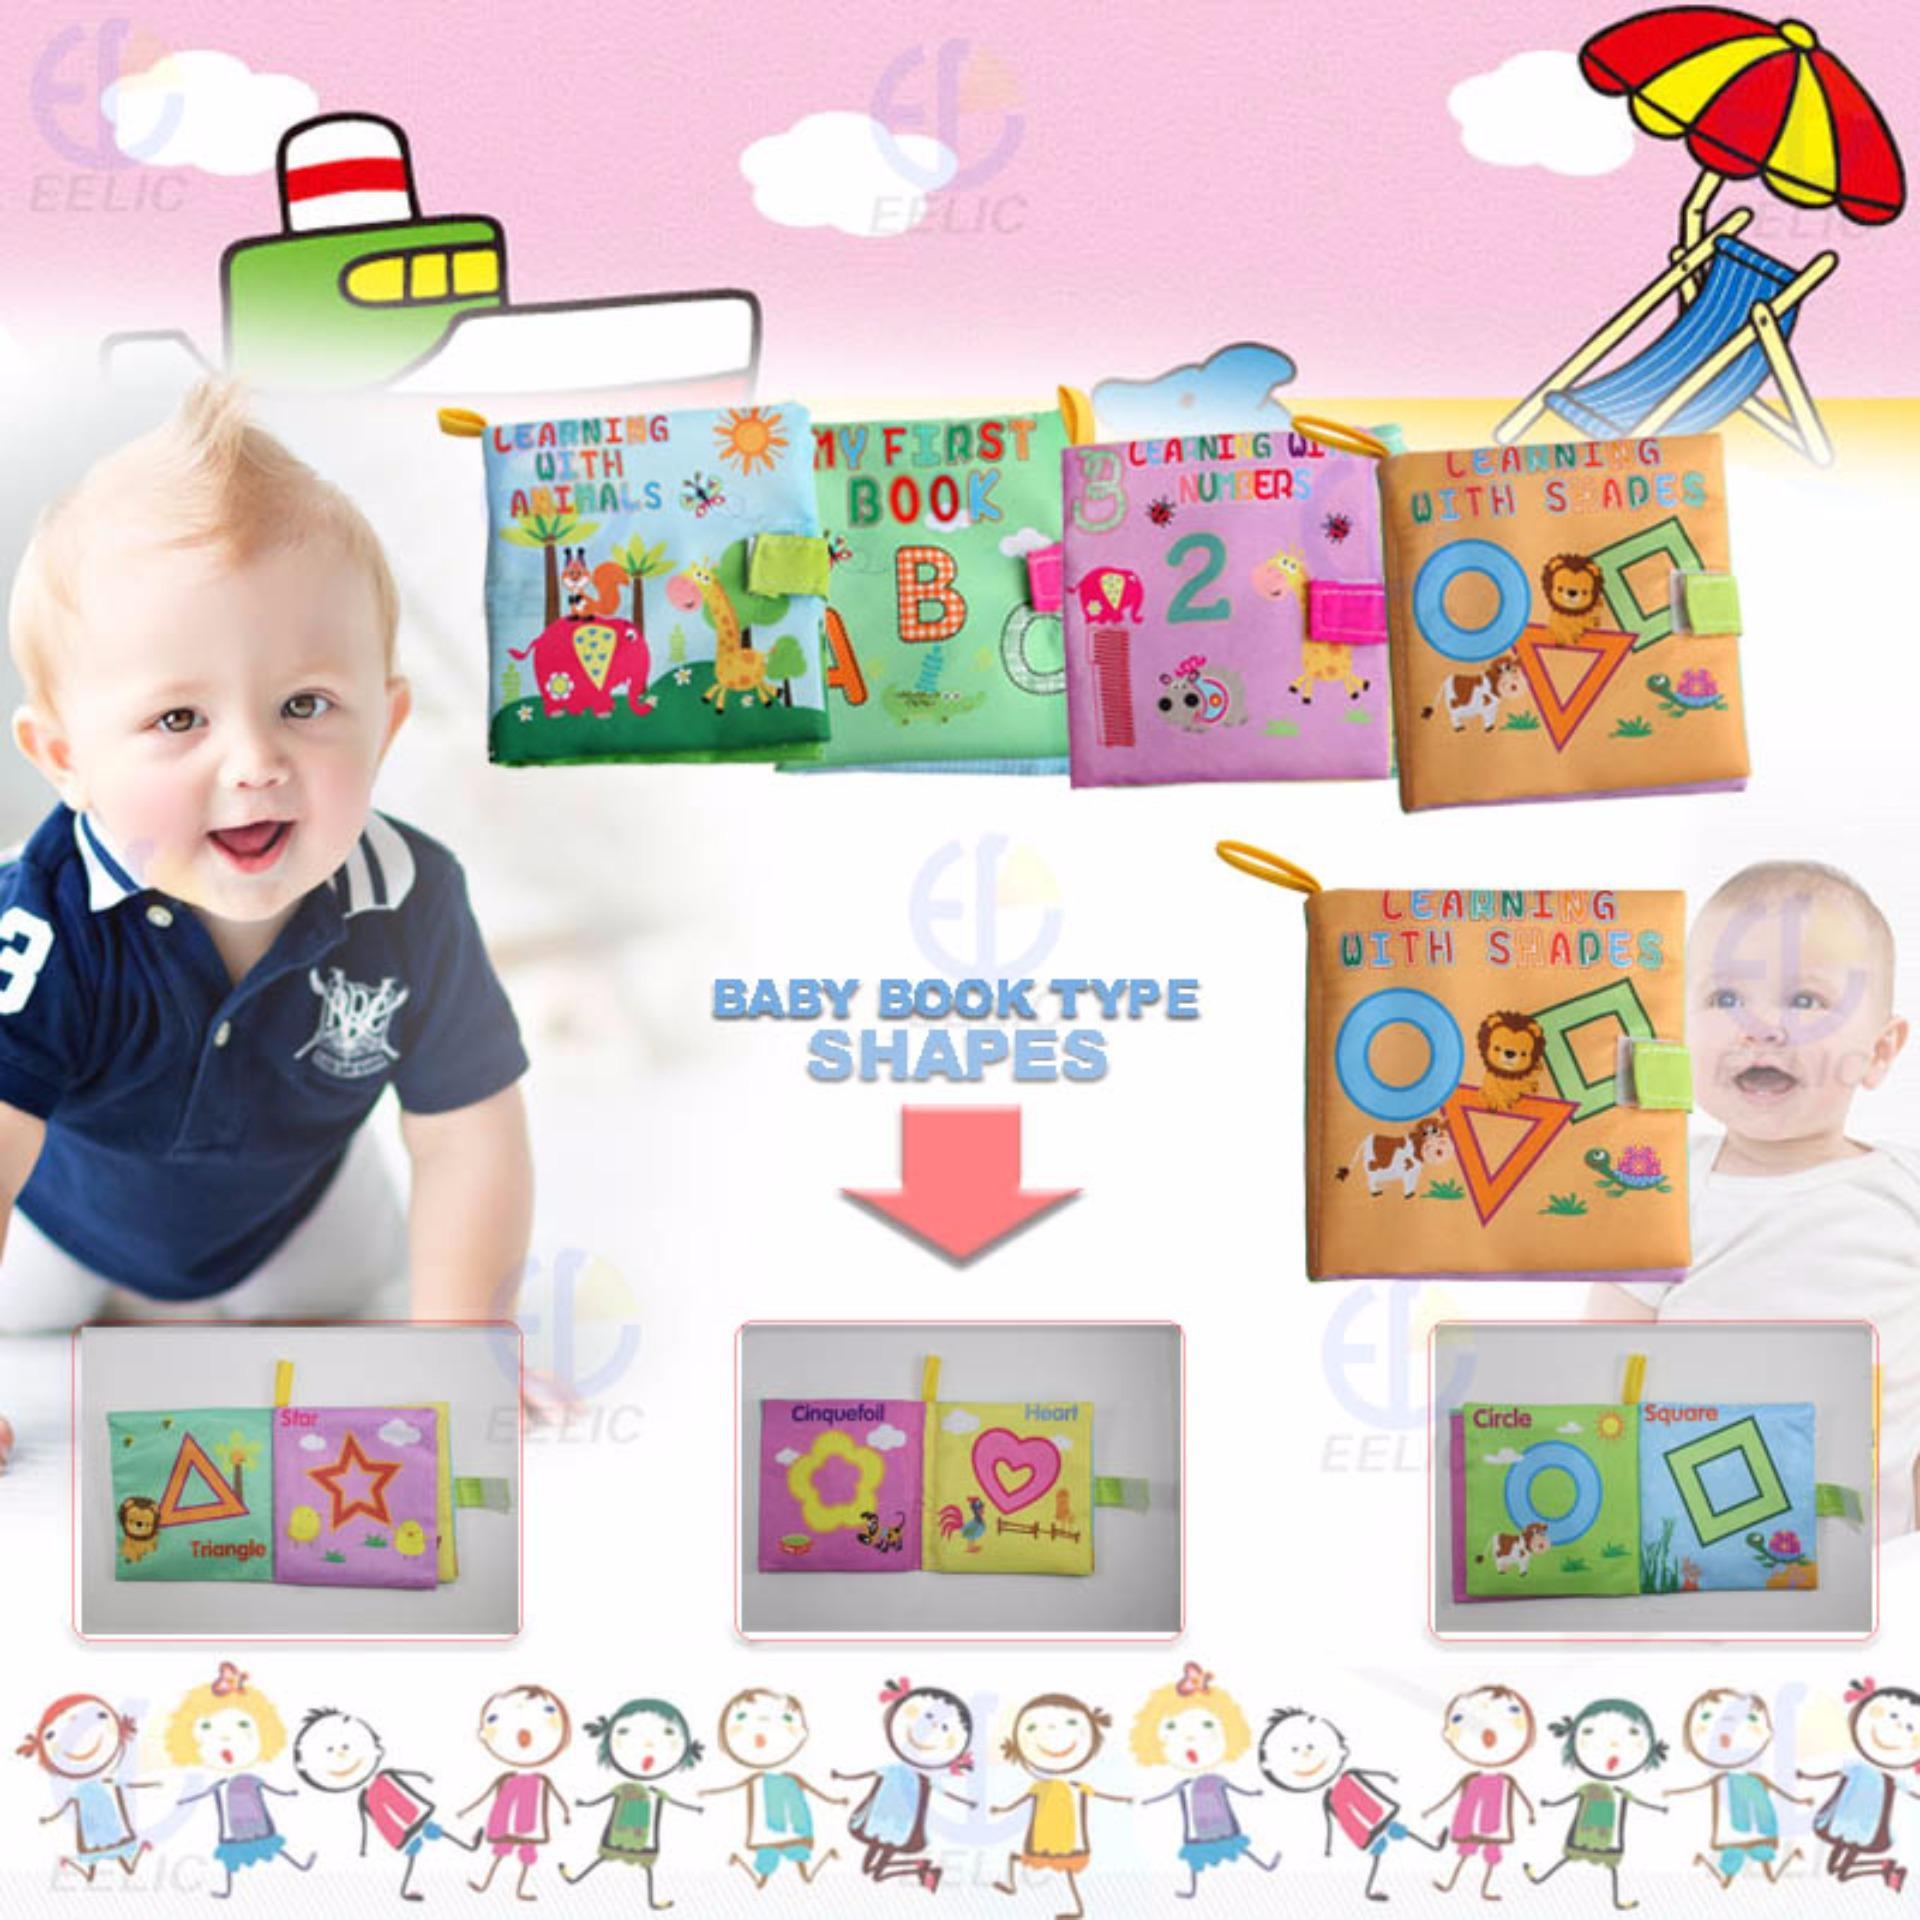 EELIC AYI BU05 SHAPES BABY BOOK MAINAN BUKU BAYI KAIN